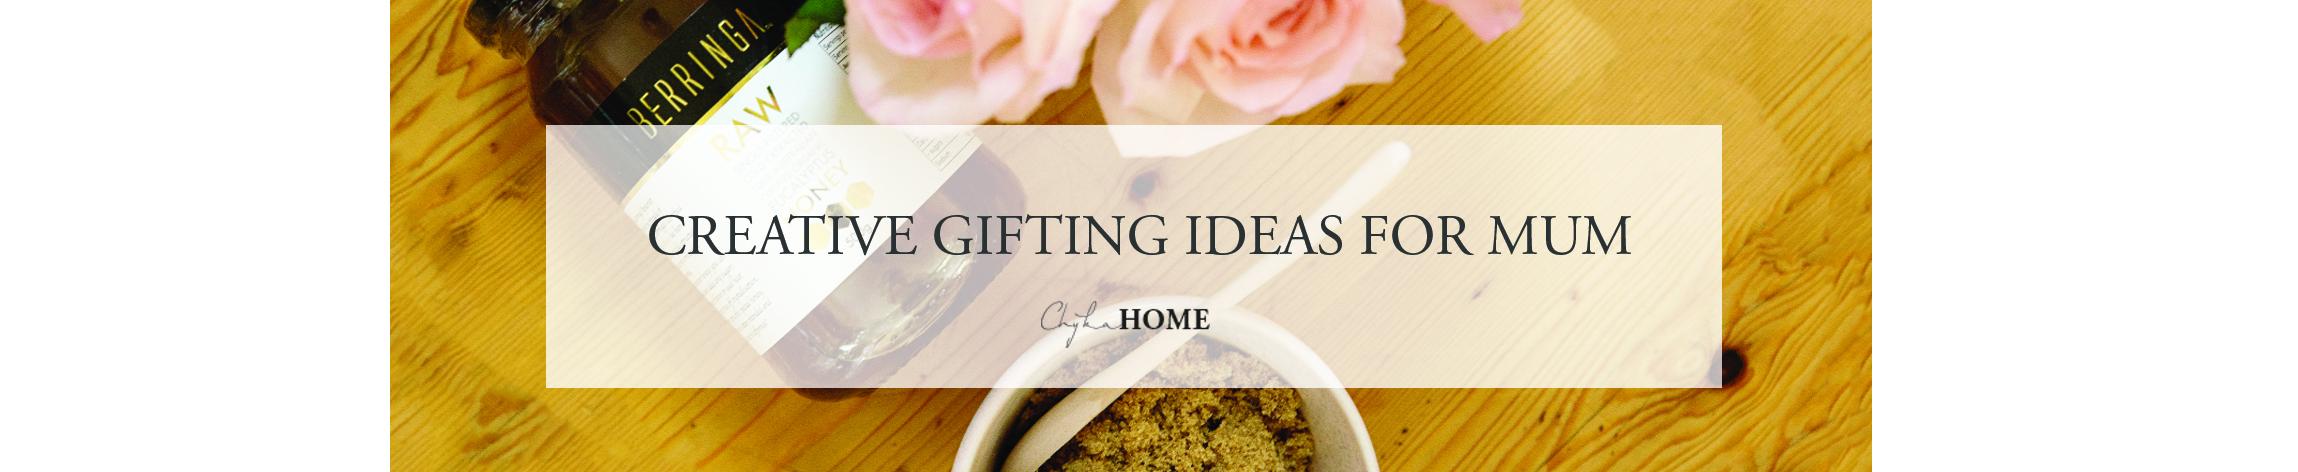 pinterest pic - gift ideas for mum.jpg